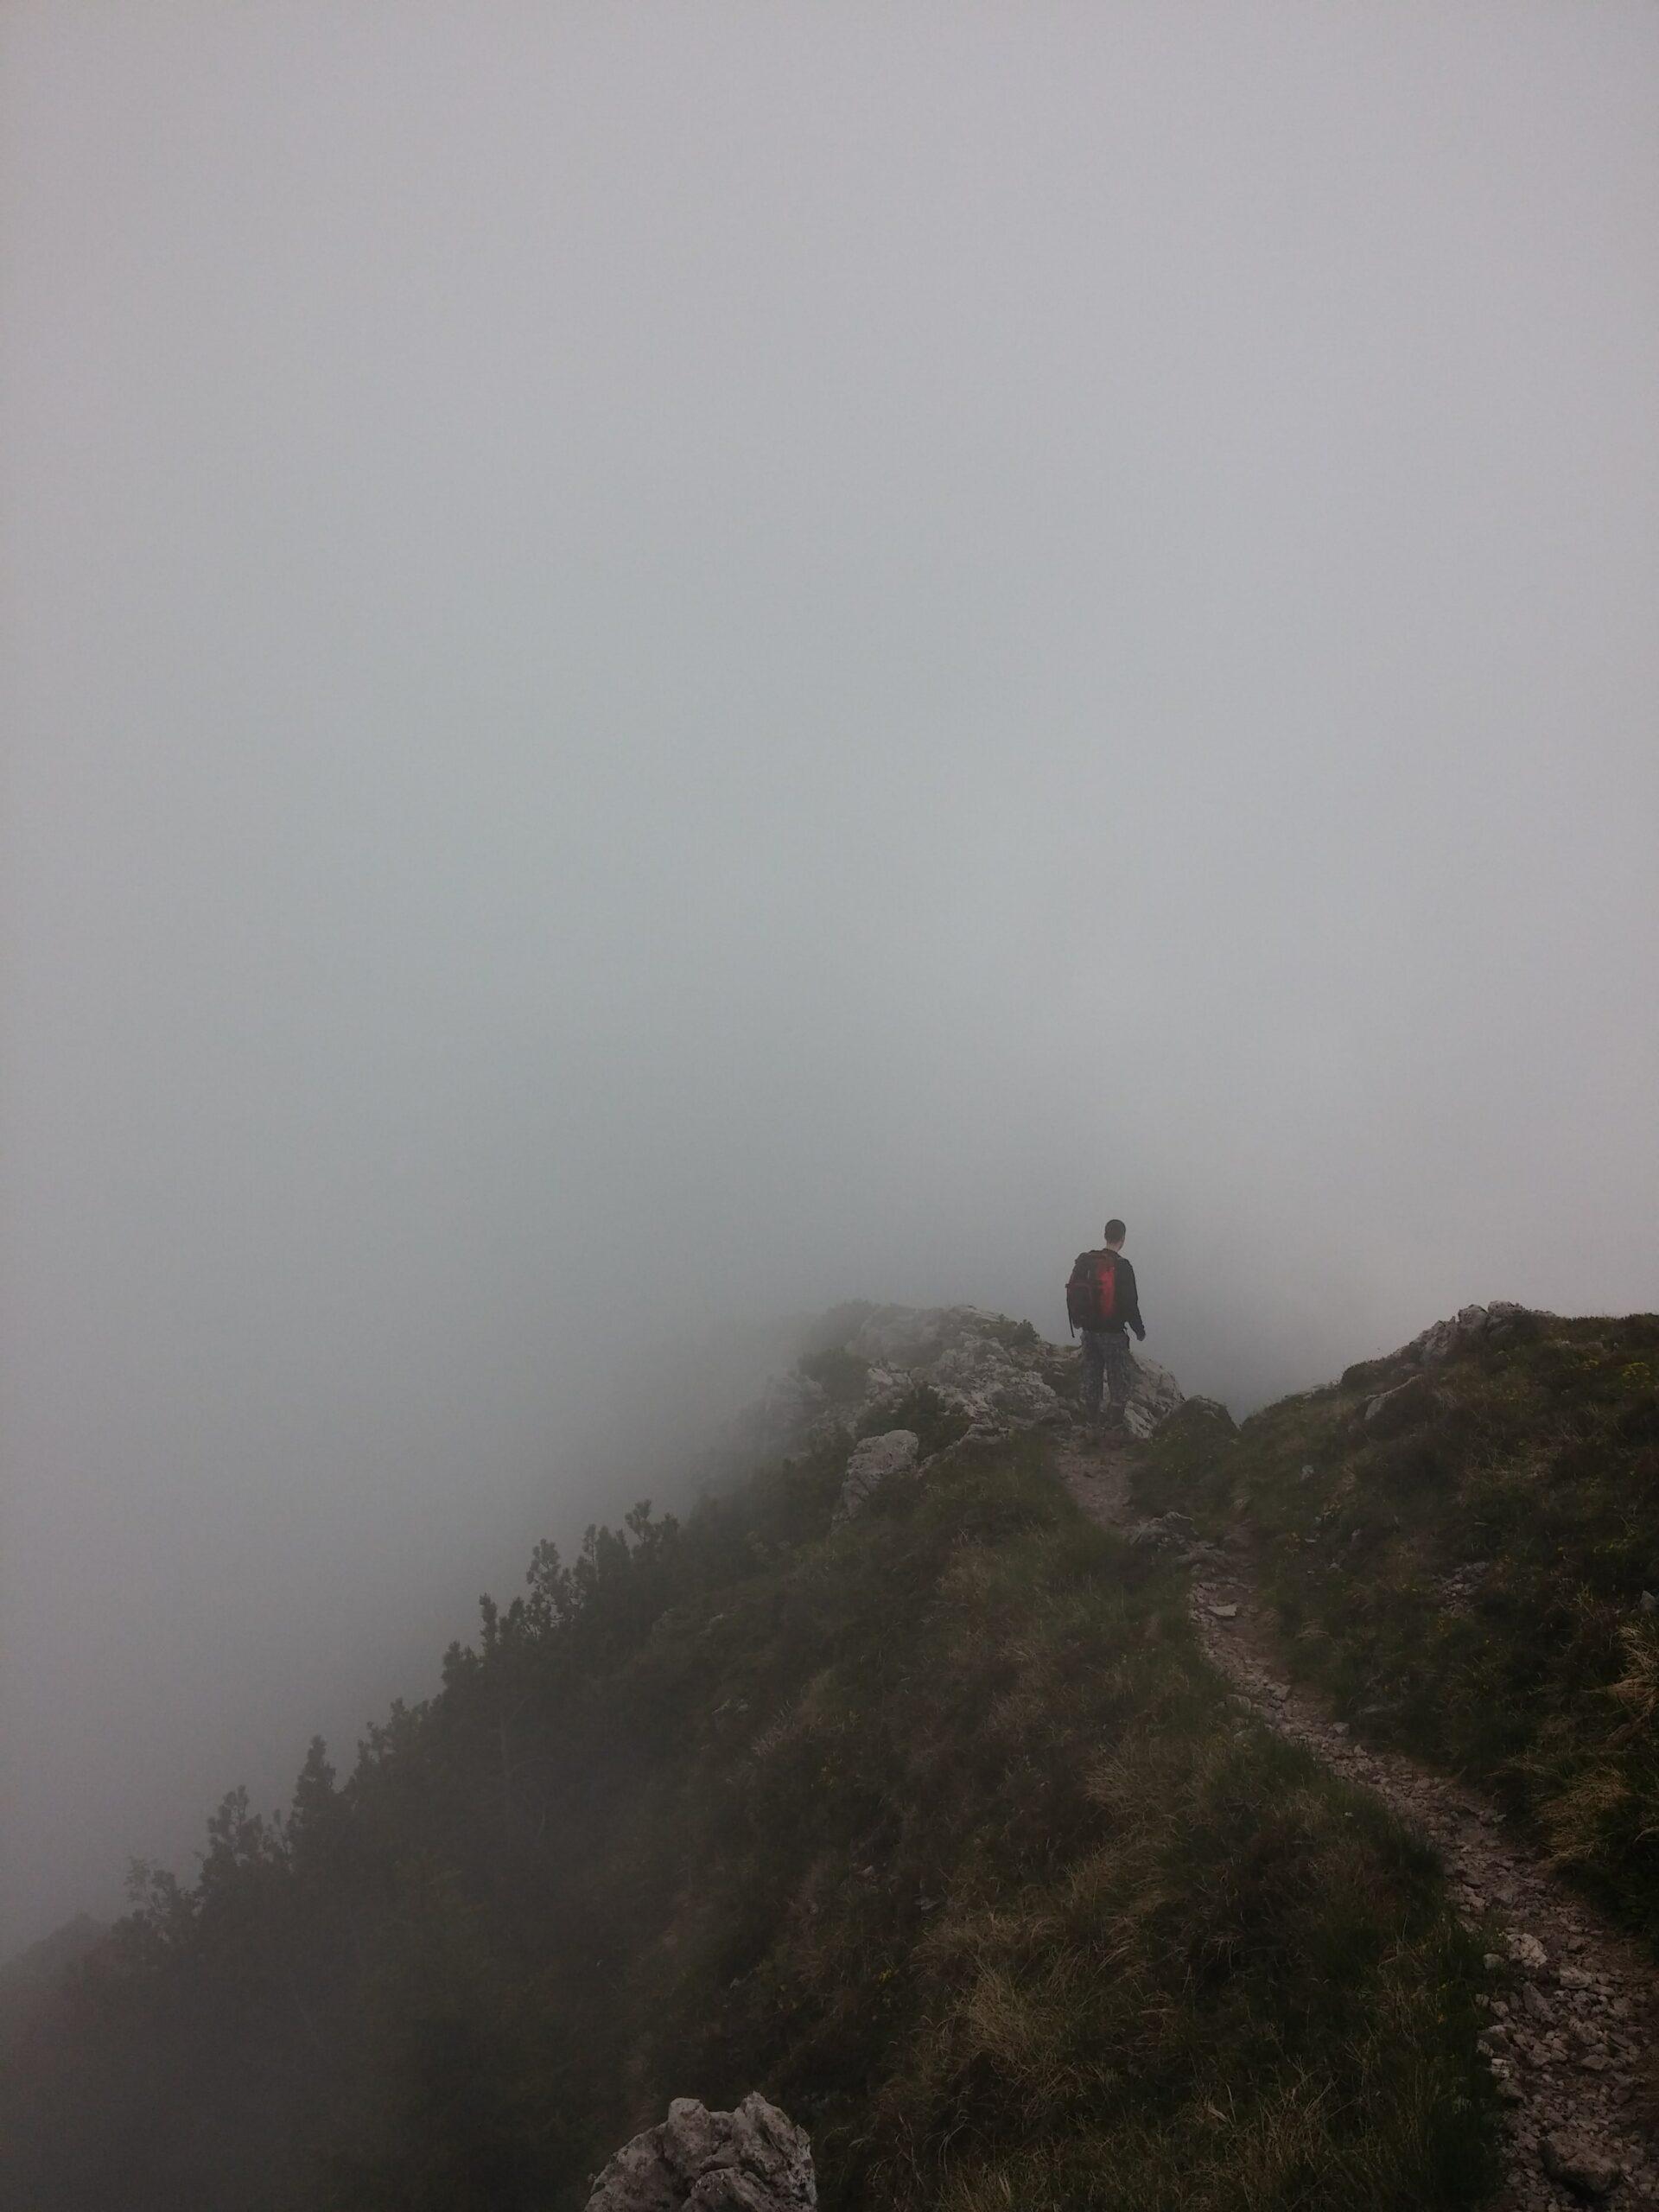 Ein Mann auf einem Berg vor einer Nebelwand